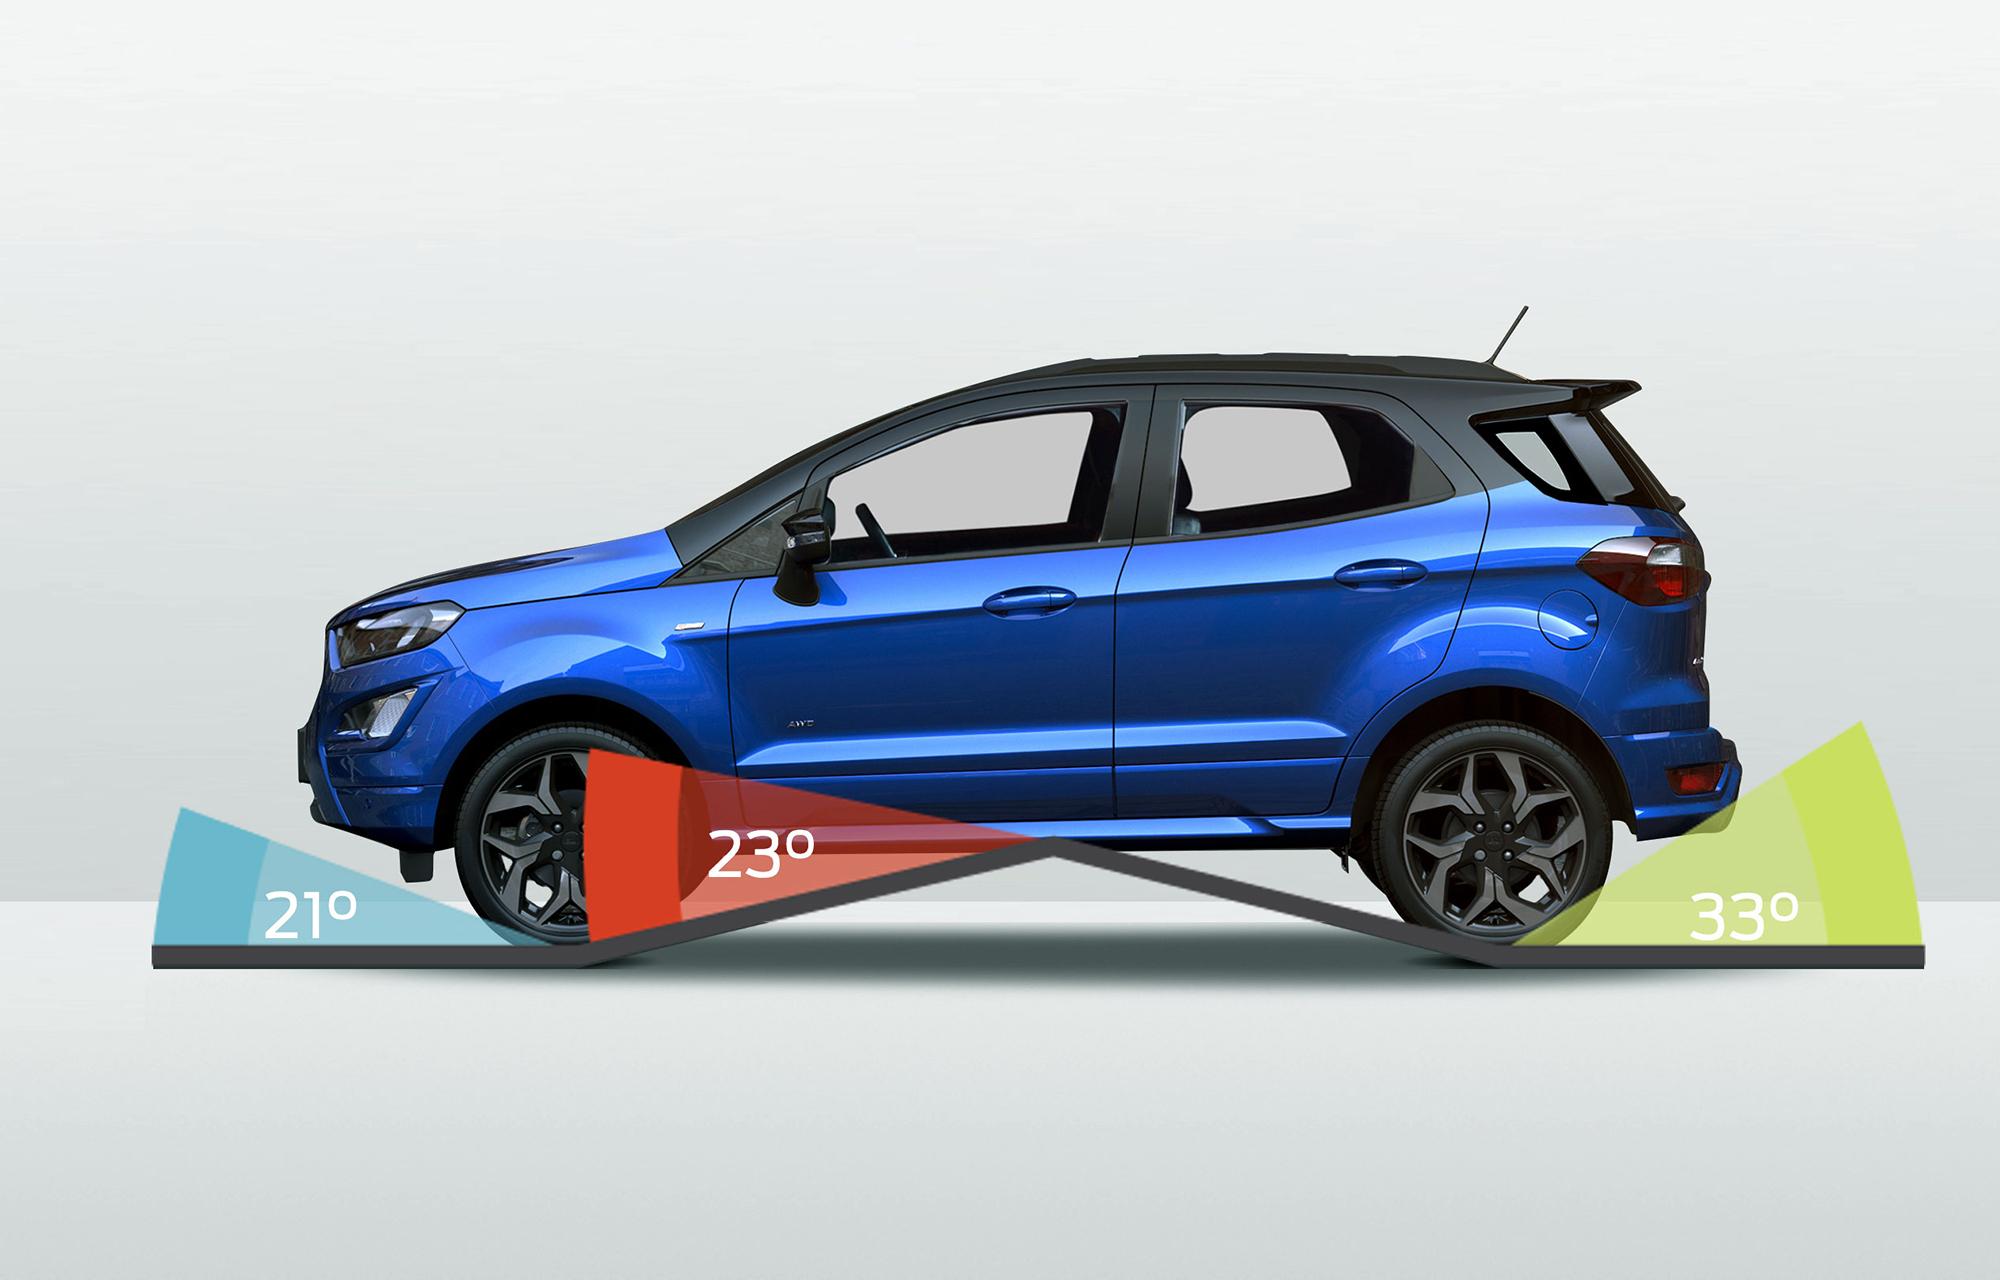 Ford EcoSport vinkel ned til modsatte hjul